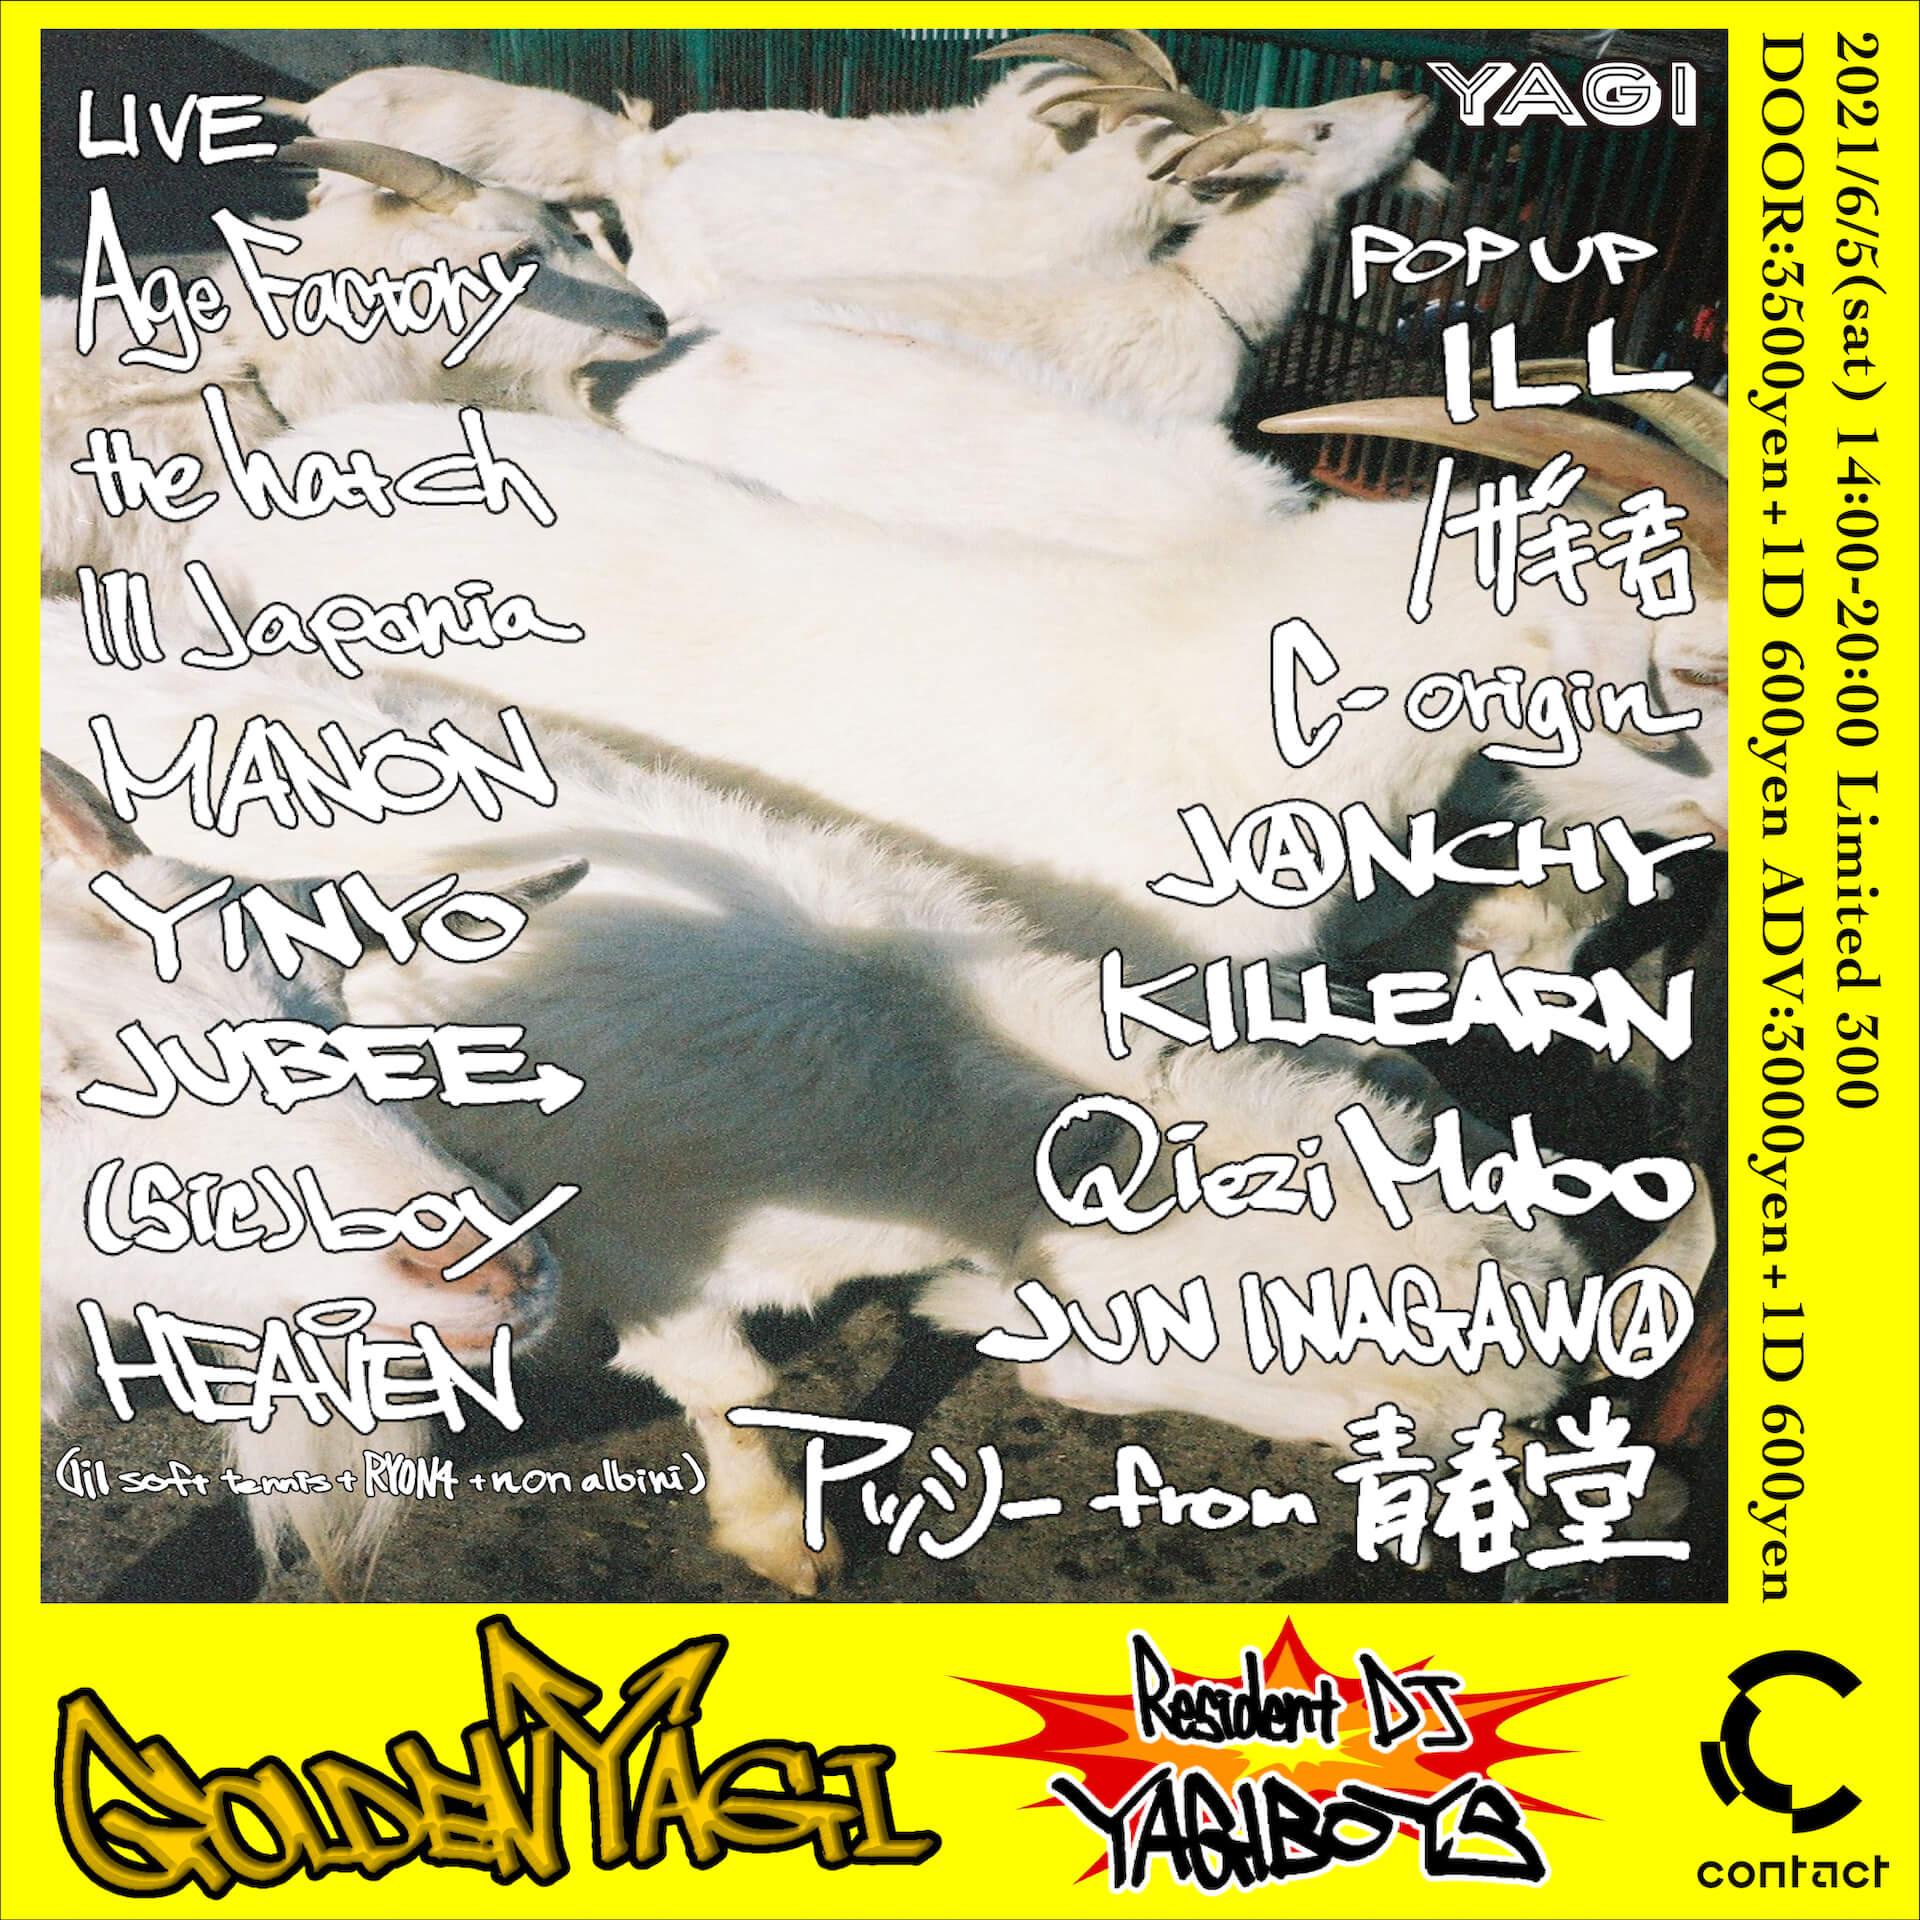 オカモトレイジがキュレーションするイベント<YAGI GOLDEN>が渋谷Contactにて開催決定!Age Factory、the hatch、Ill Japoniaらが出演 music210520_yagi-golden-210520_1